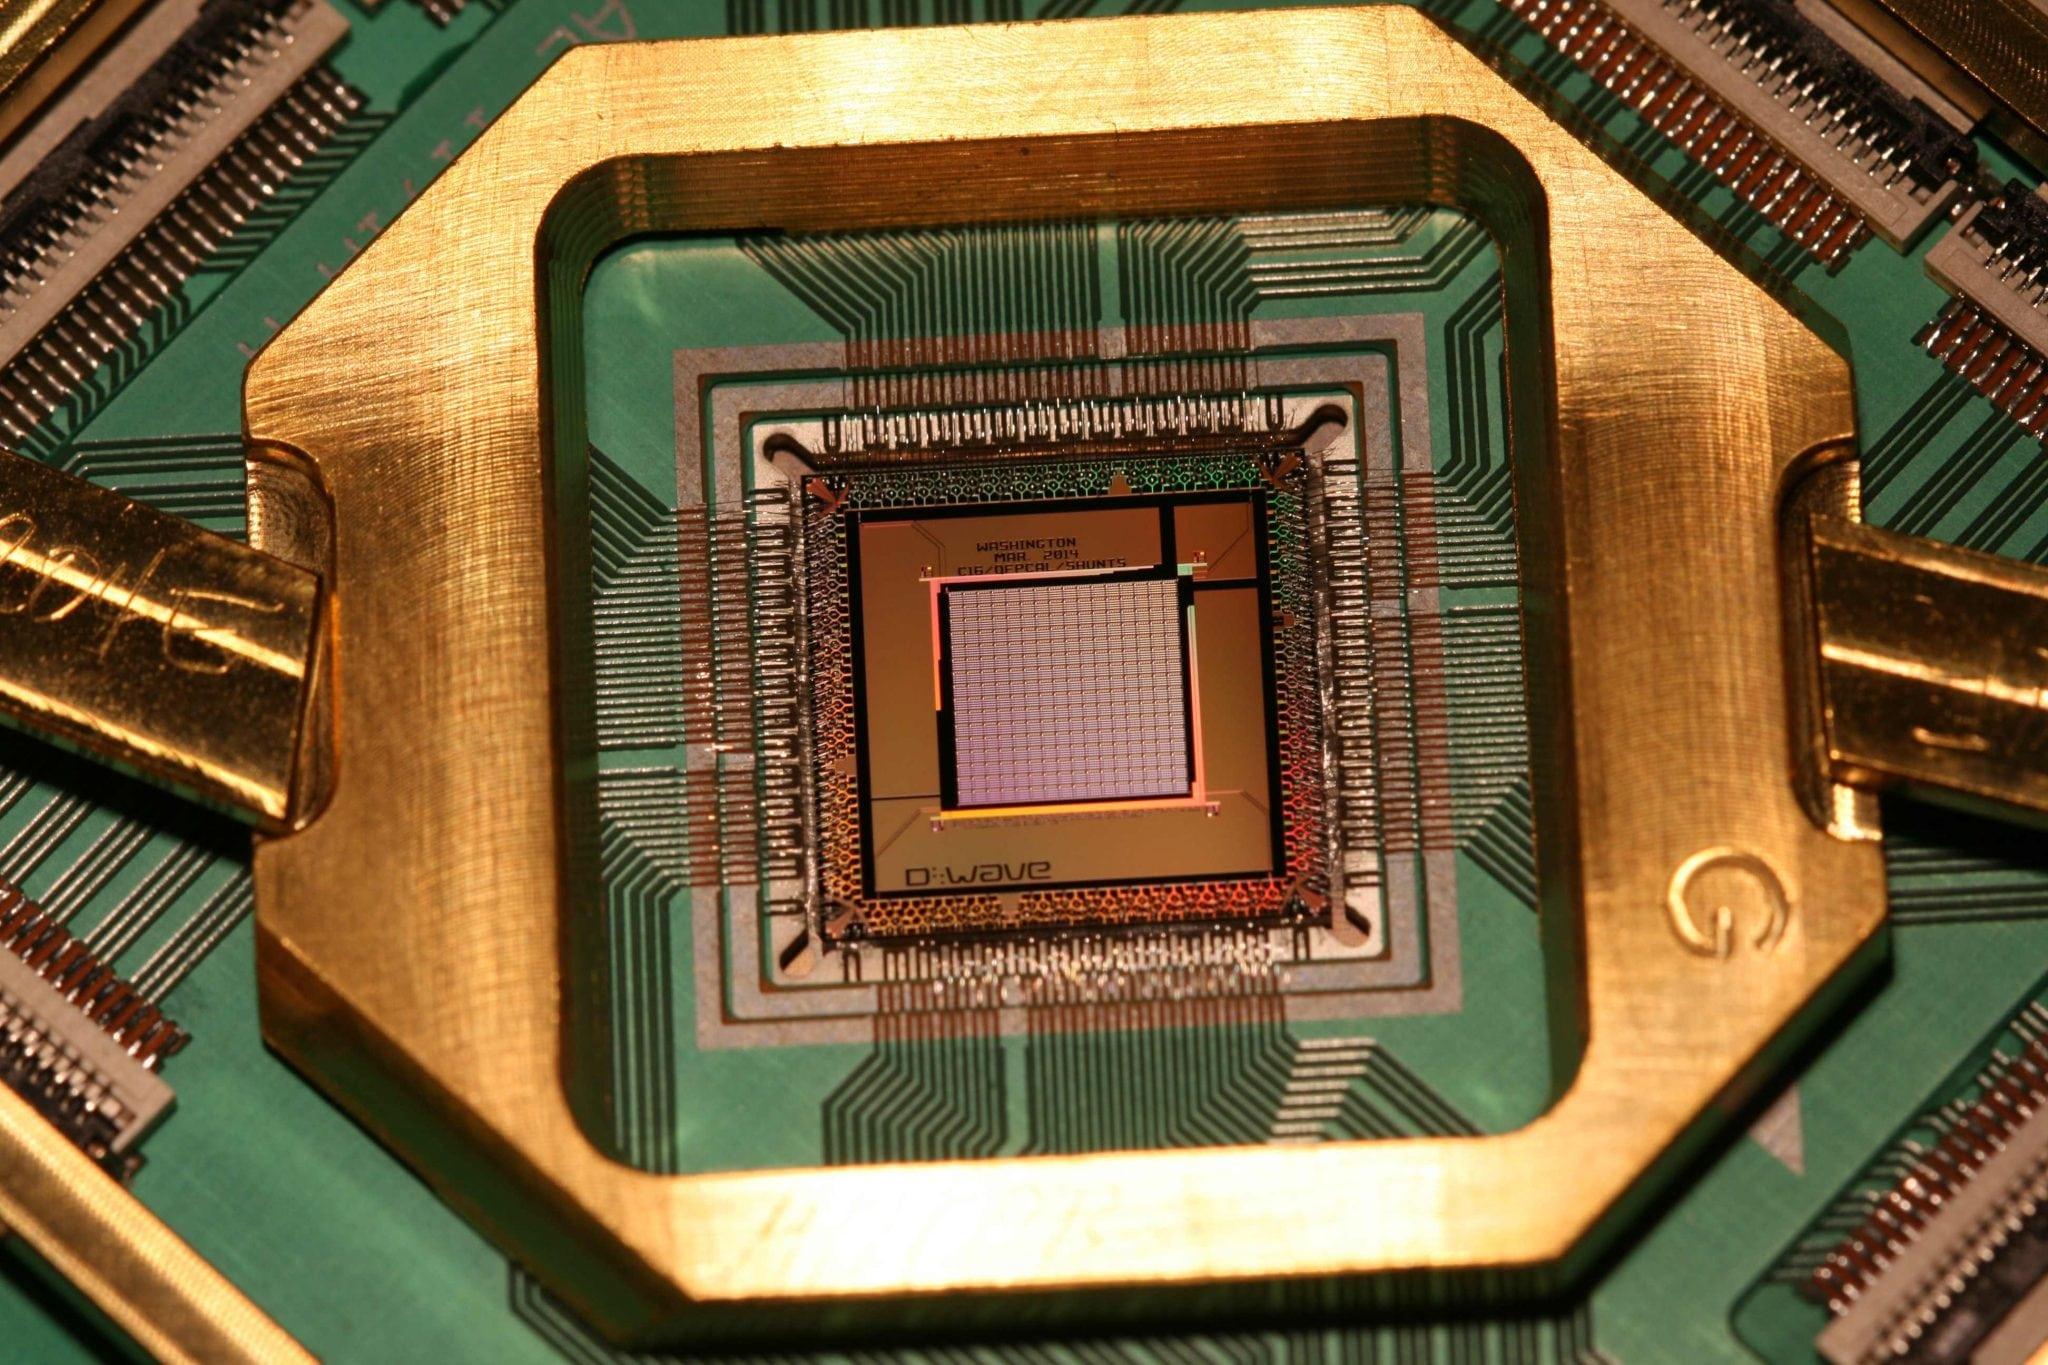 D-Wave 1,000 qubit processor